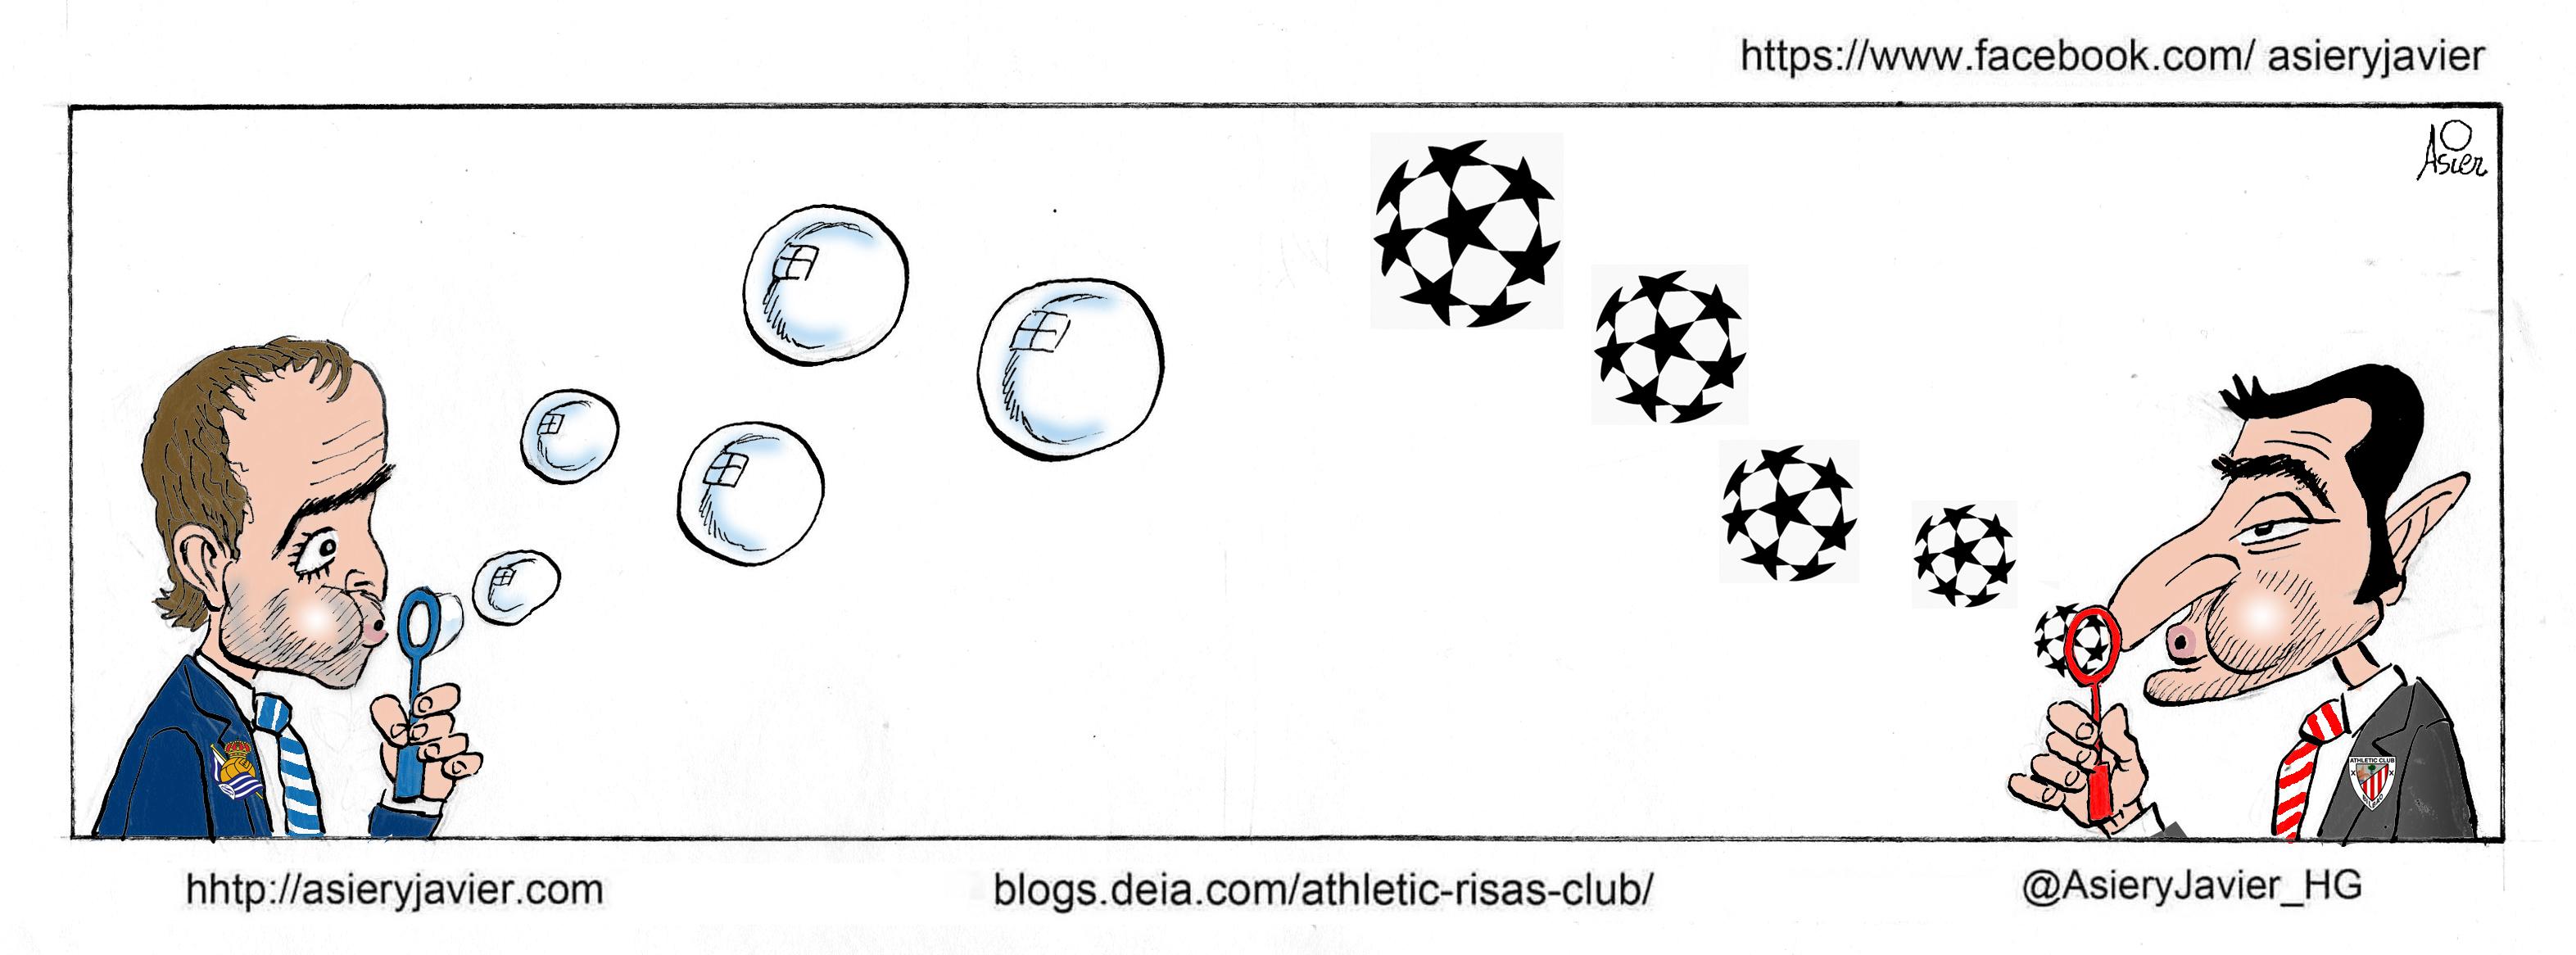 Un derby en San Mamés con Europa al fondo. La Real se juega una plaza de Europa League mientras que el Athletic tiene la Champions asegurada. Humor, caricaturas, viñeta.